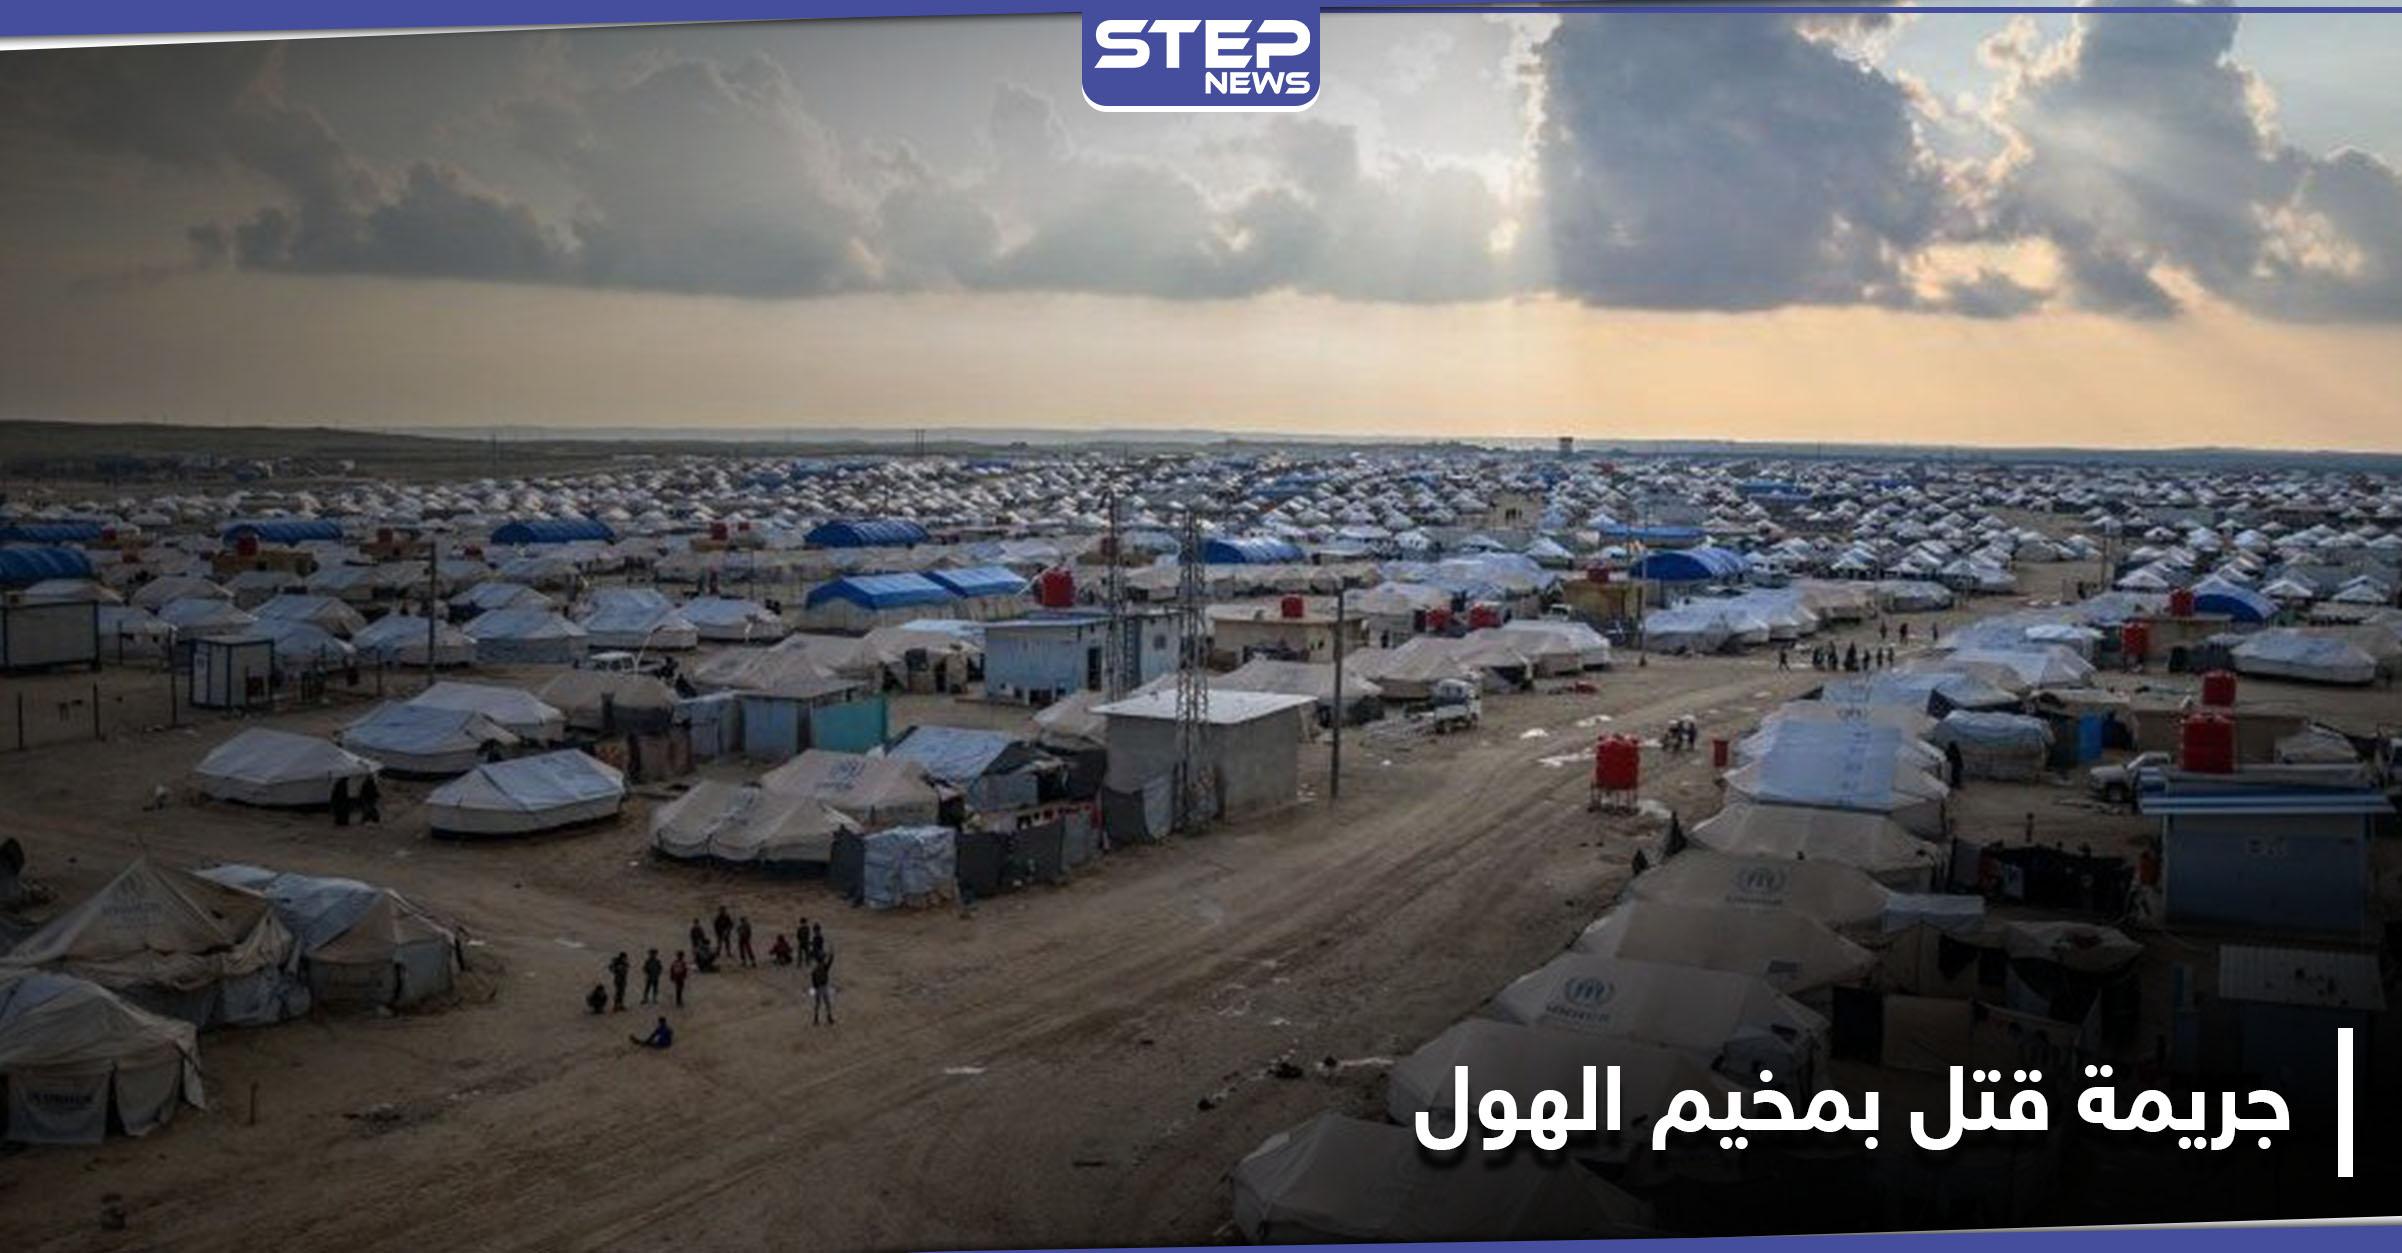 جريمة بحق سيدة عراقية في مخيم الهول بريف الحسكة